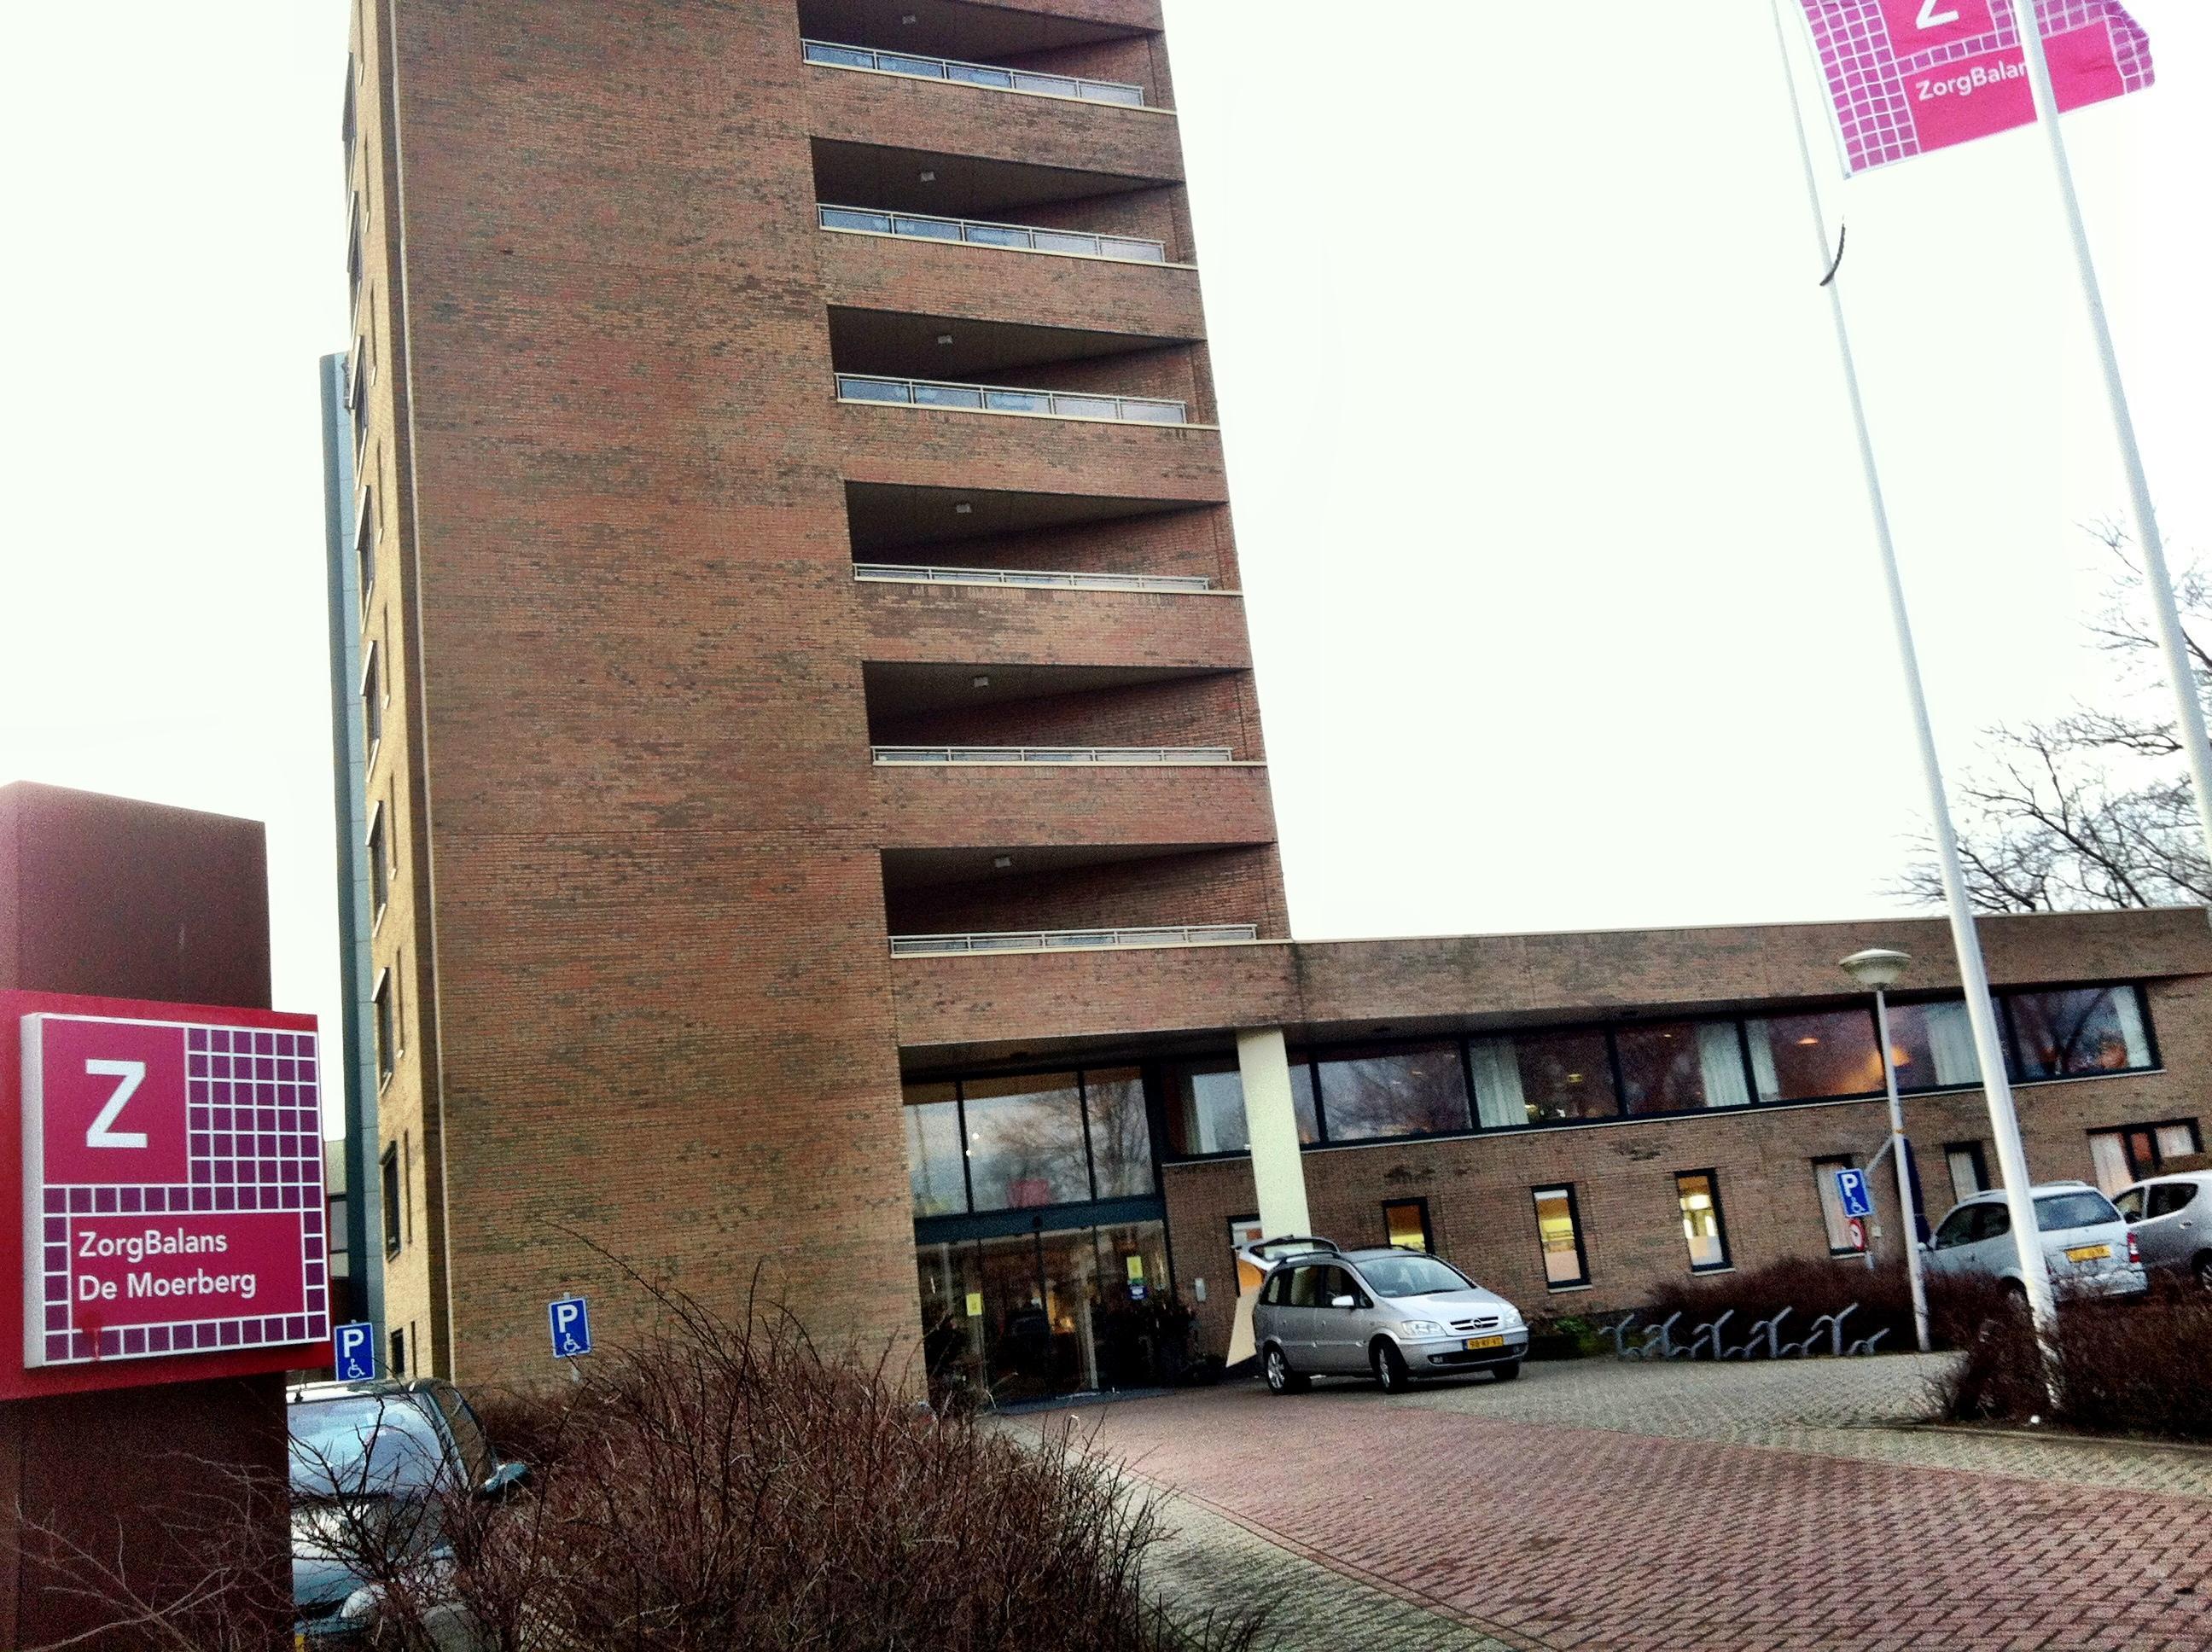 Stuur een kaartje naar personeel van IJmuidens woonzorgcentrum De Moerberg: steun vanwege corona